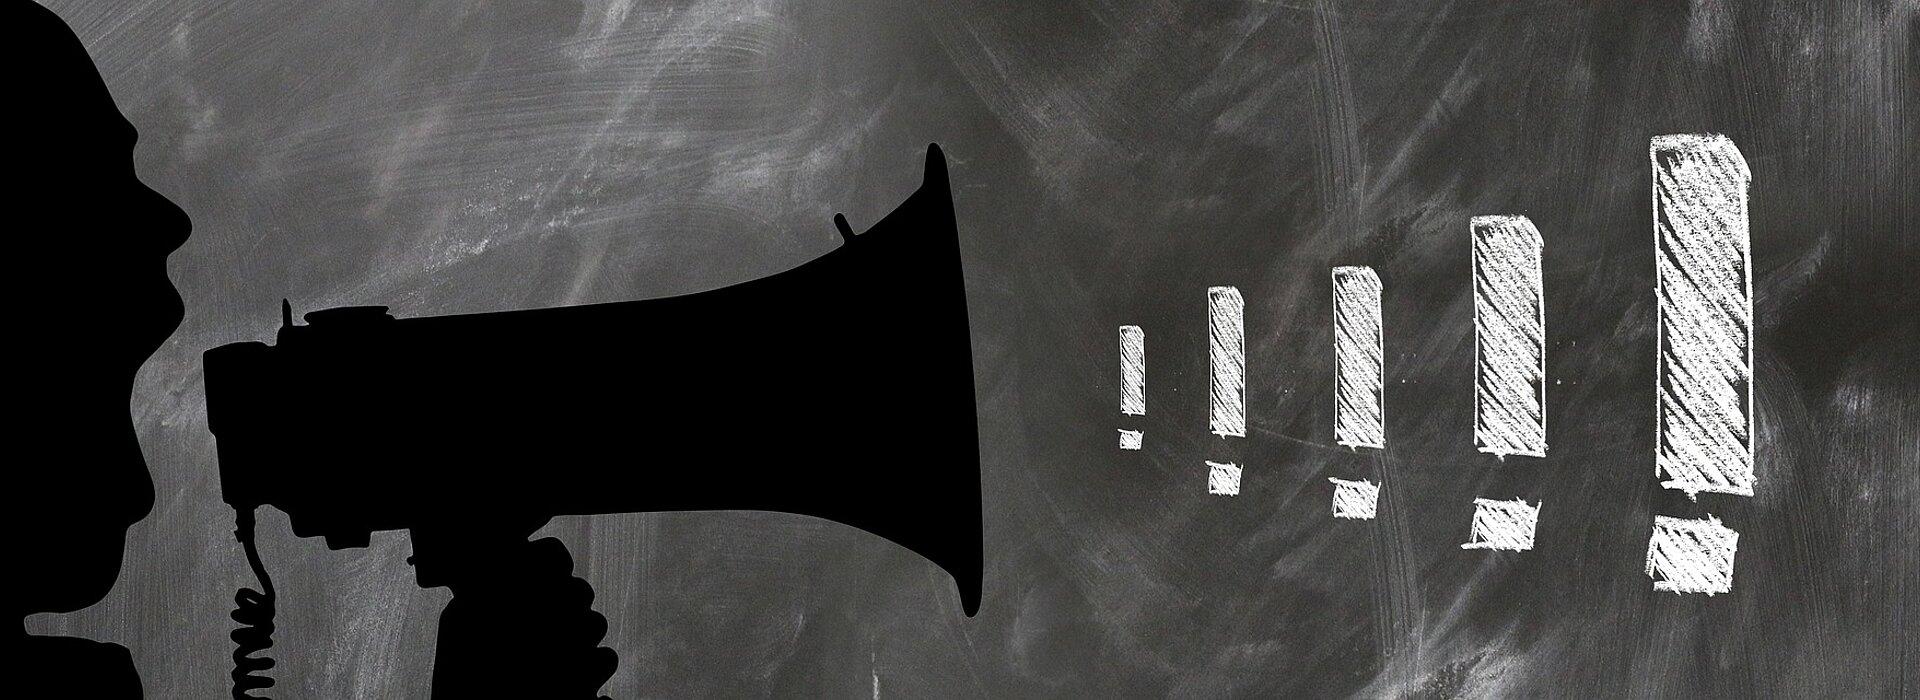 megafone no quadro negro com exclamações